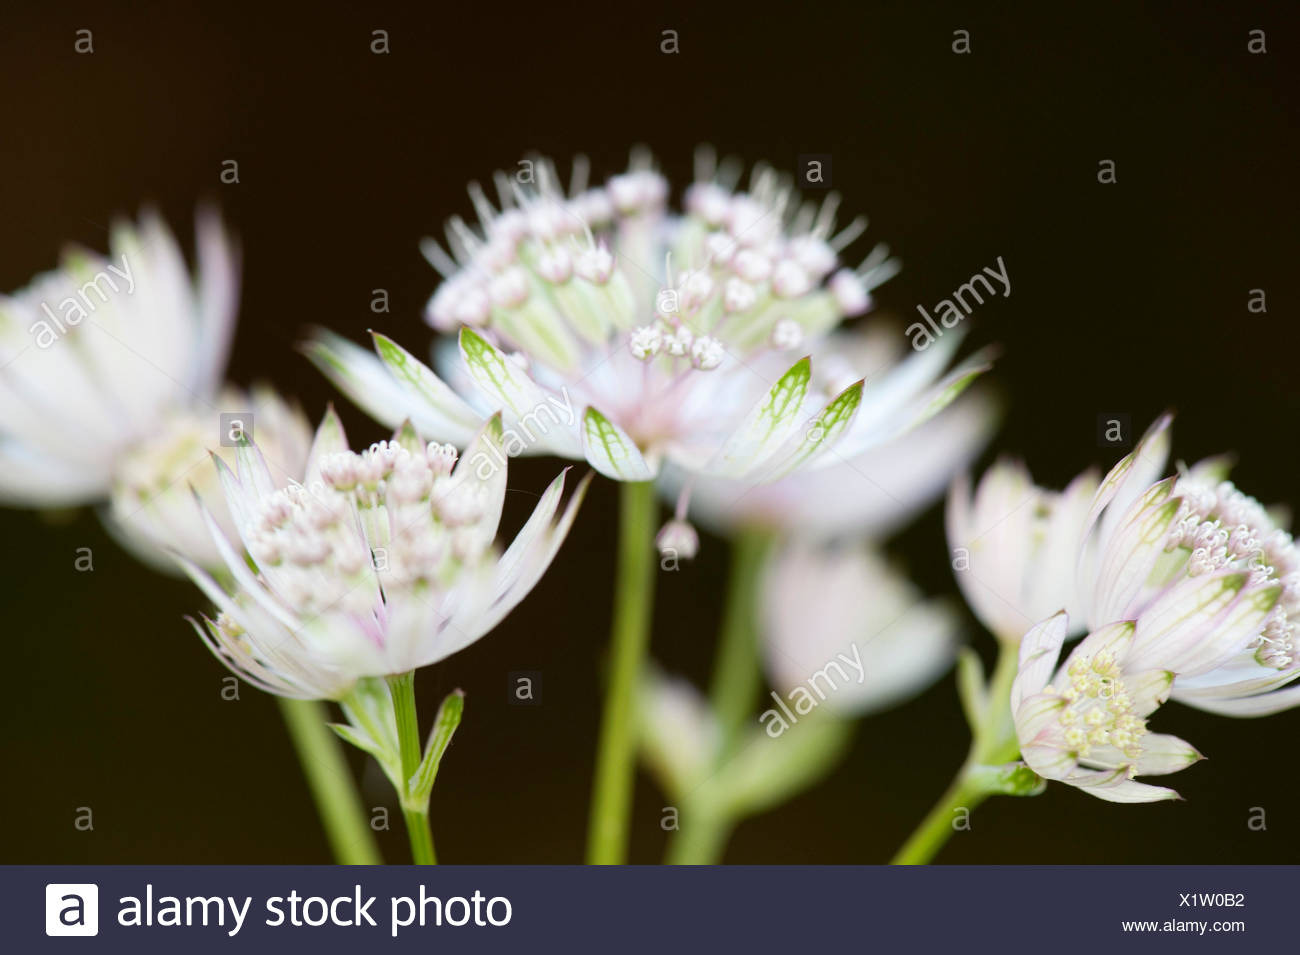 Soft White Flowers Species Unknown Possibly Allium Zarnesti